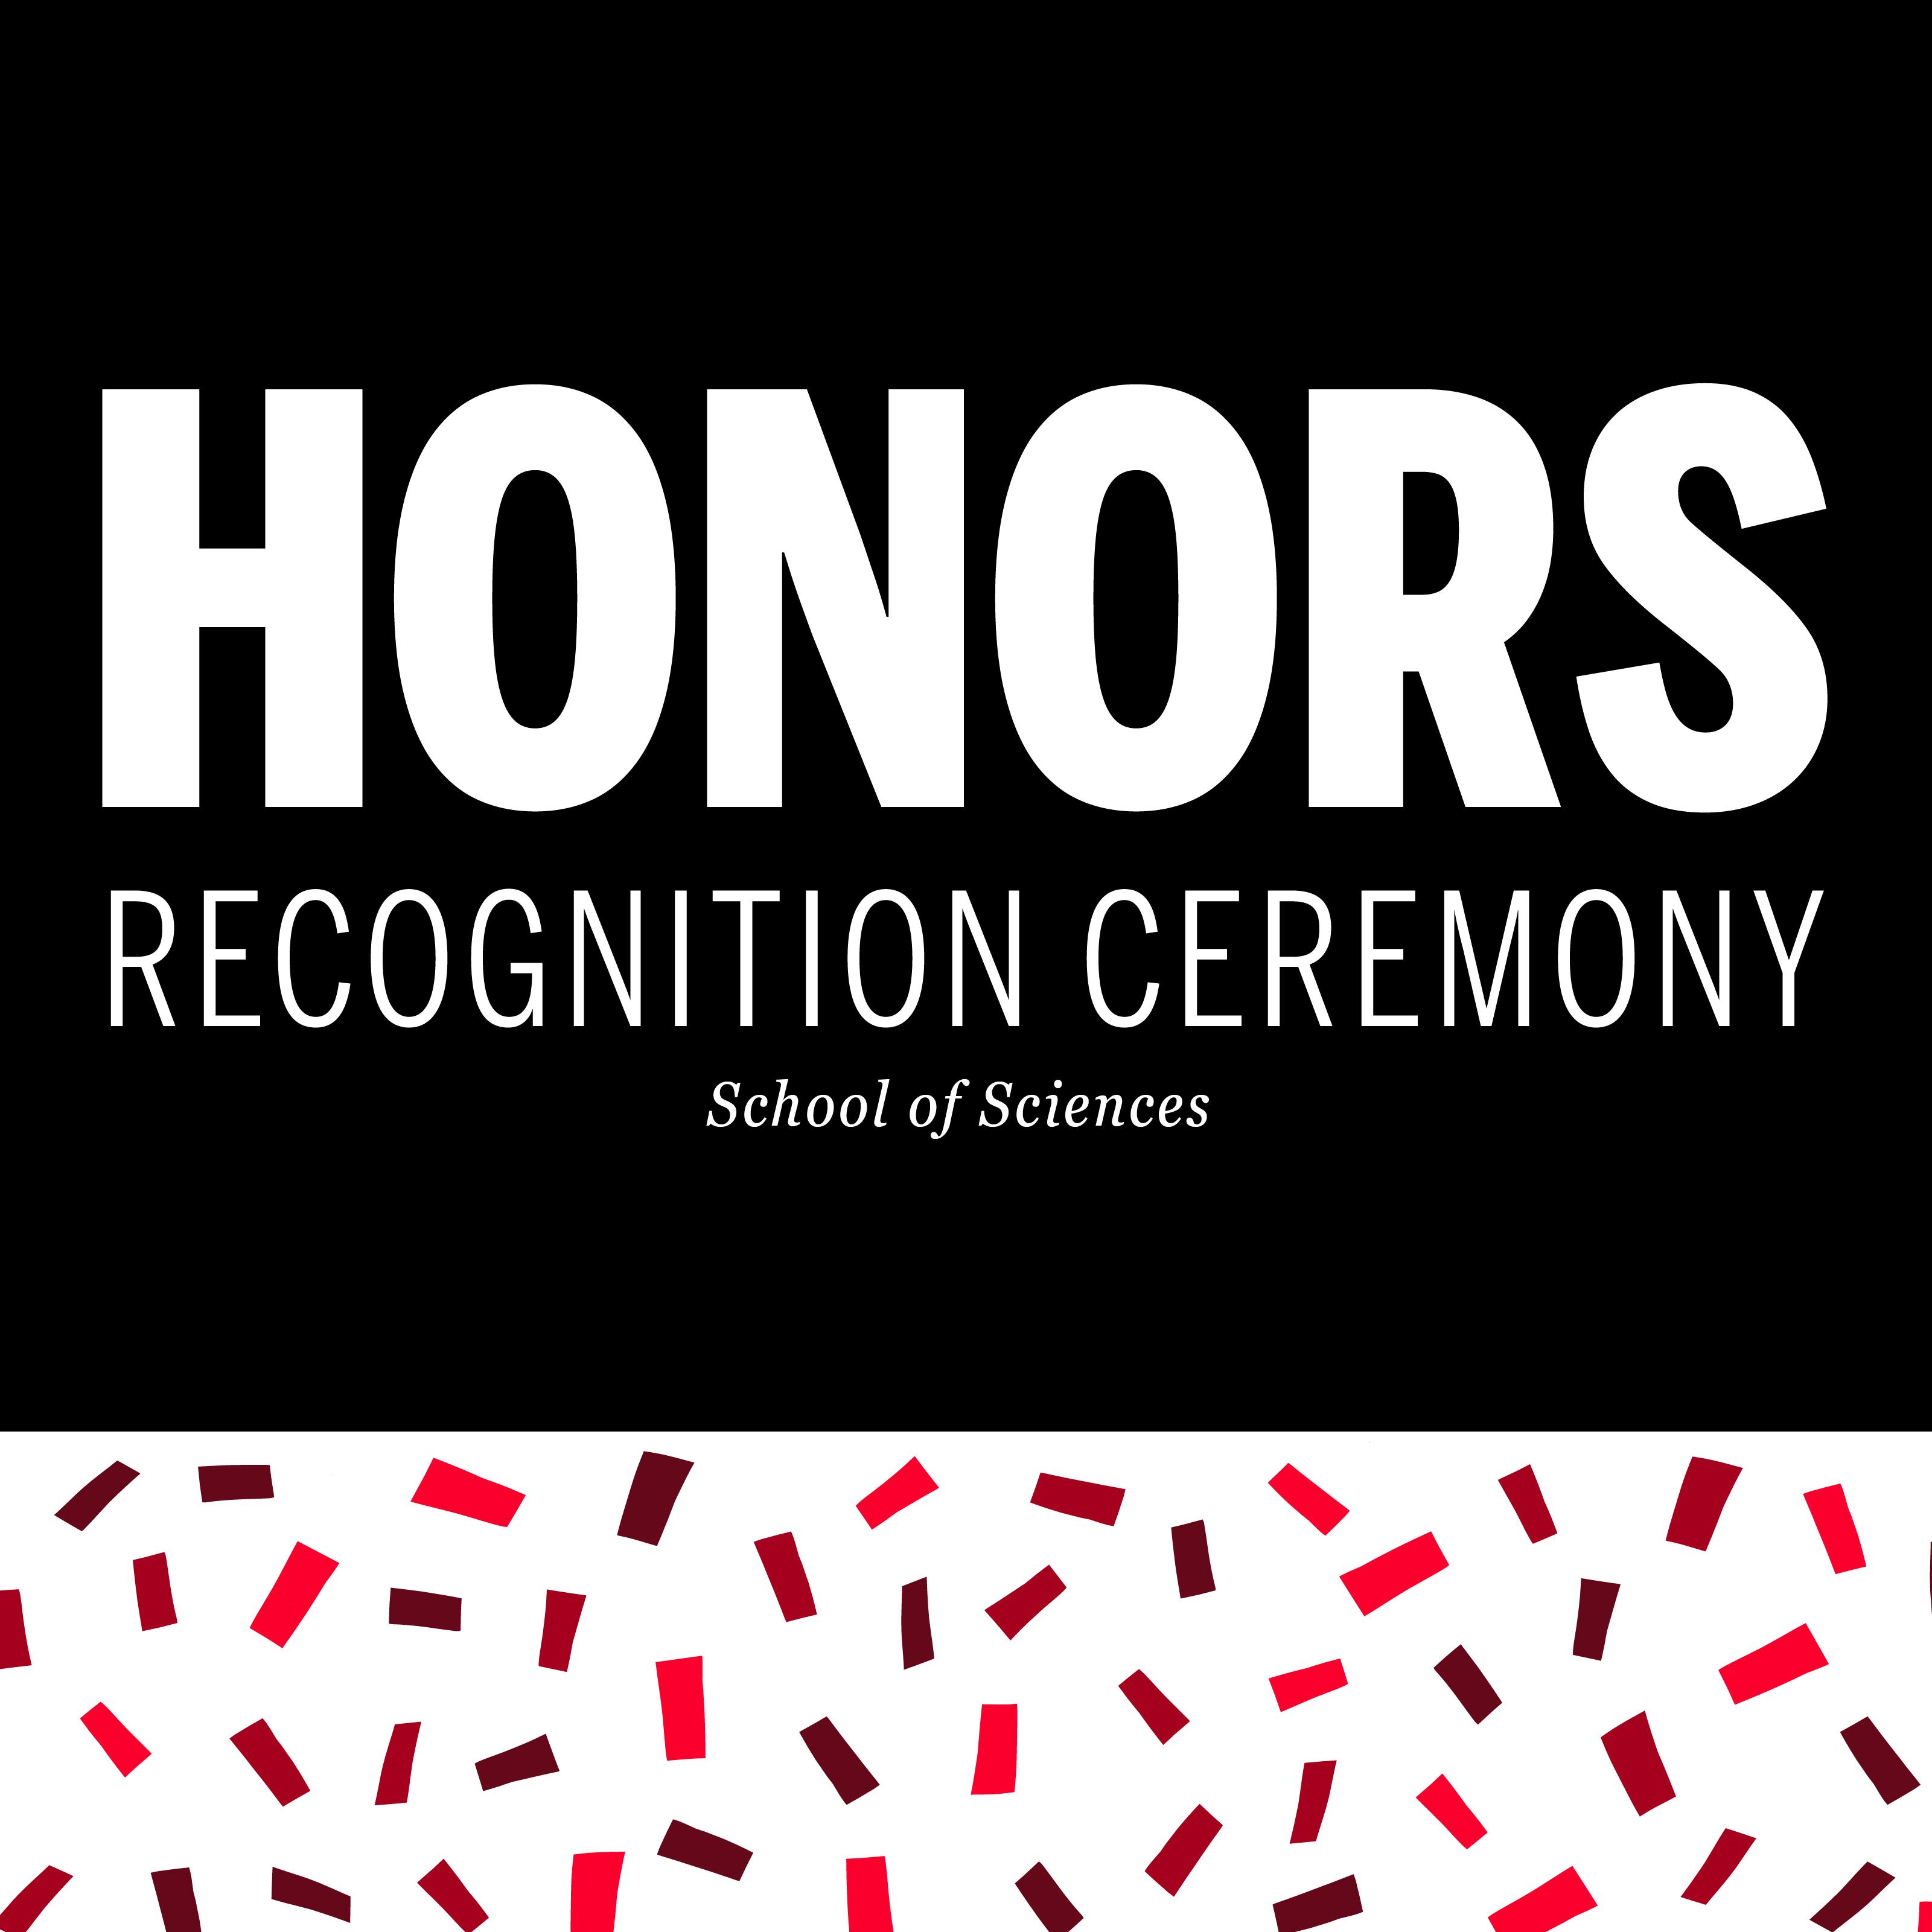 honors_recognition_ceremonies_21-sci-n.jpg